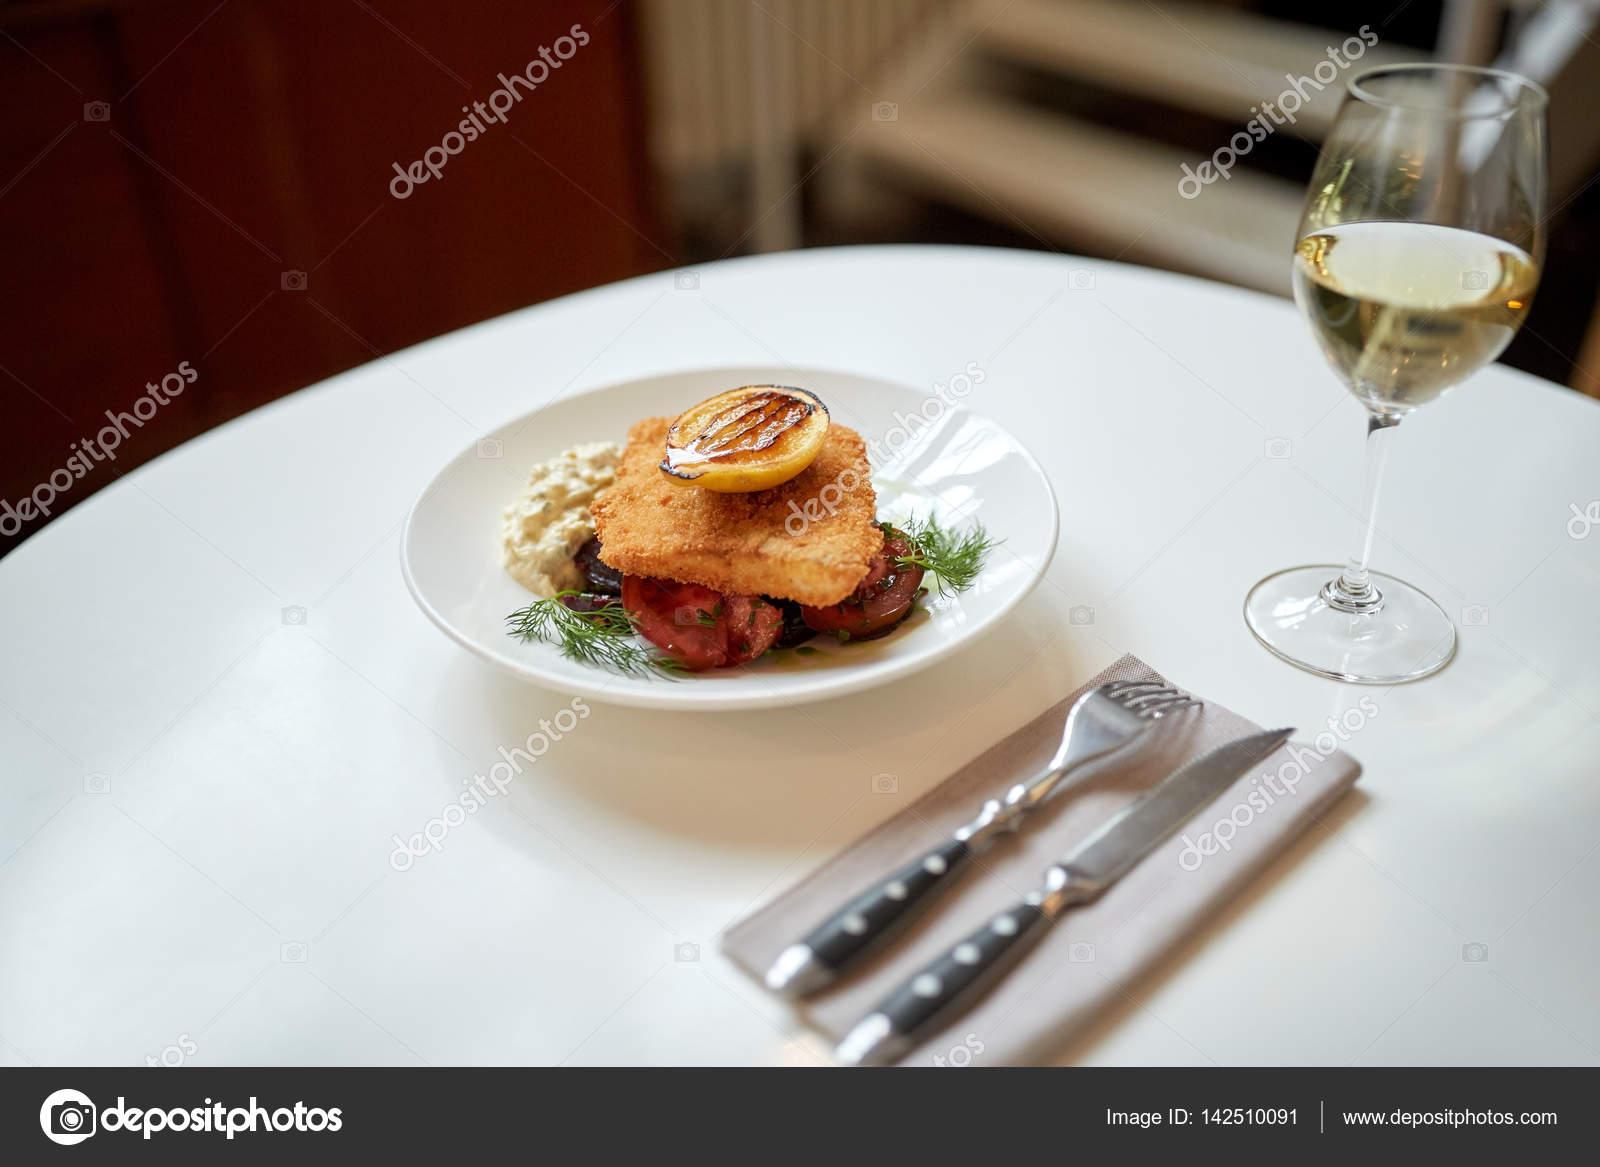 fisch salat und wein glas am tisch im restaurant stockfoto syda productions 142510091. Black Bedroom Furniture Sets. Home Design Ideas